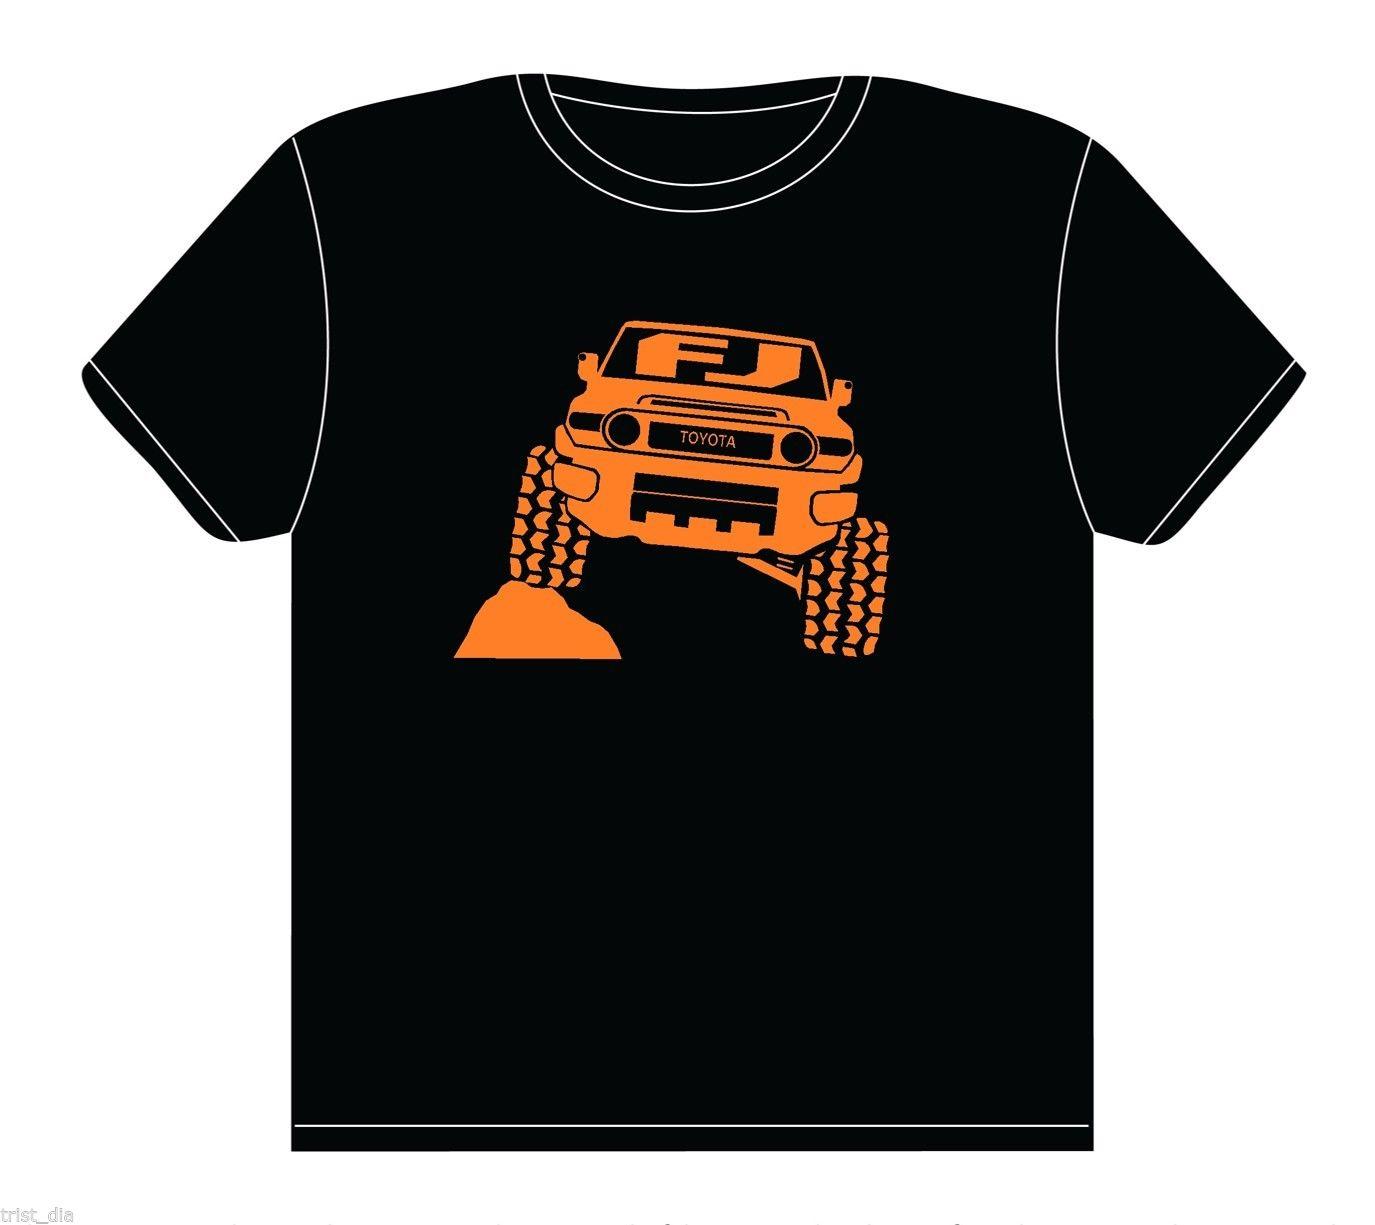 2018 Новый Для мужчин S футболки Для Мужчинs FJ Cruiser 4x4 рок ползать Off Road футболка 100% Хлопковые фирменные носки новые футболки